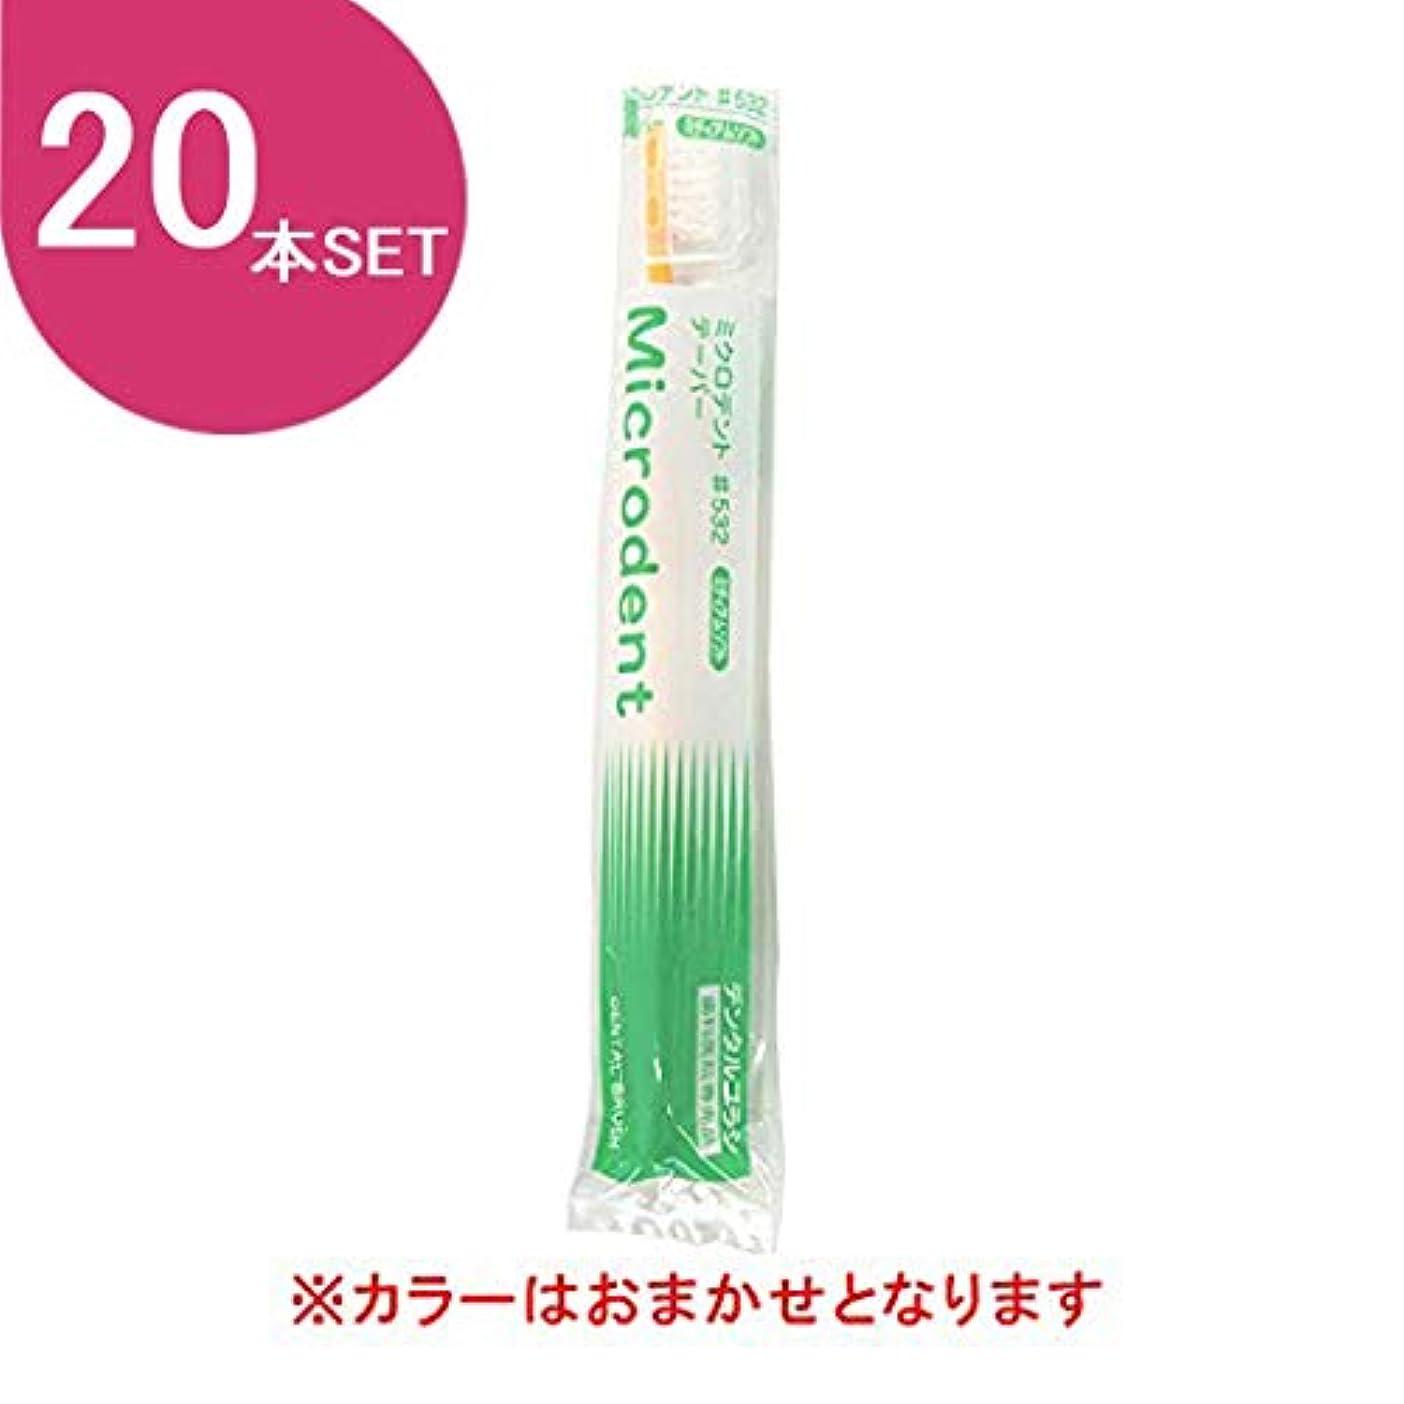 アームストロング迷信アンソロジー白水貿易 ミクロデント (Microdent) 20本 #532 (ミディアム)